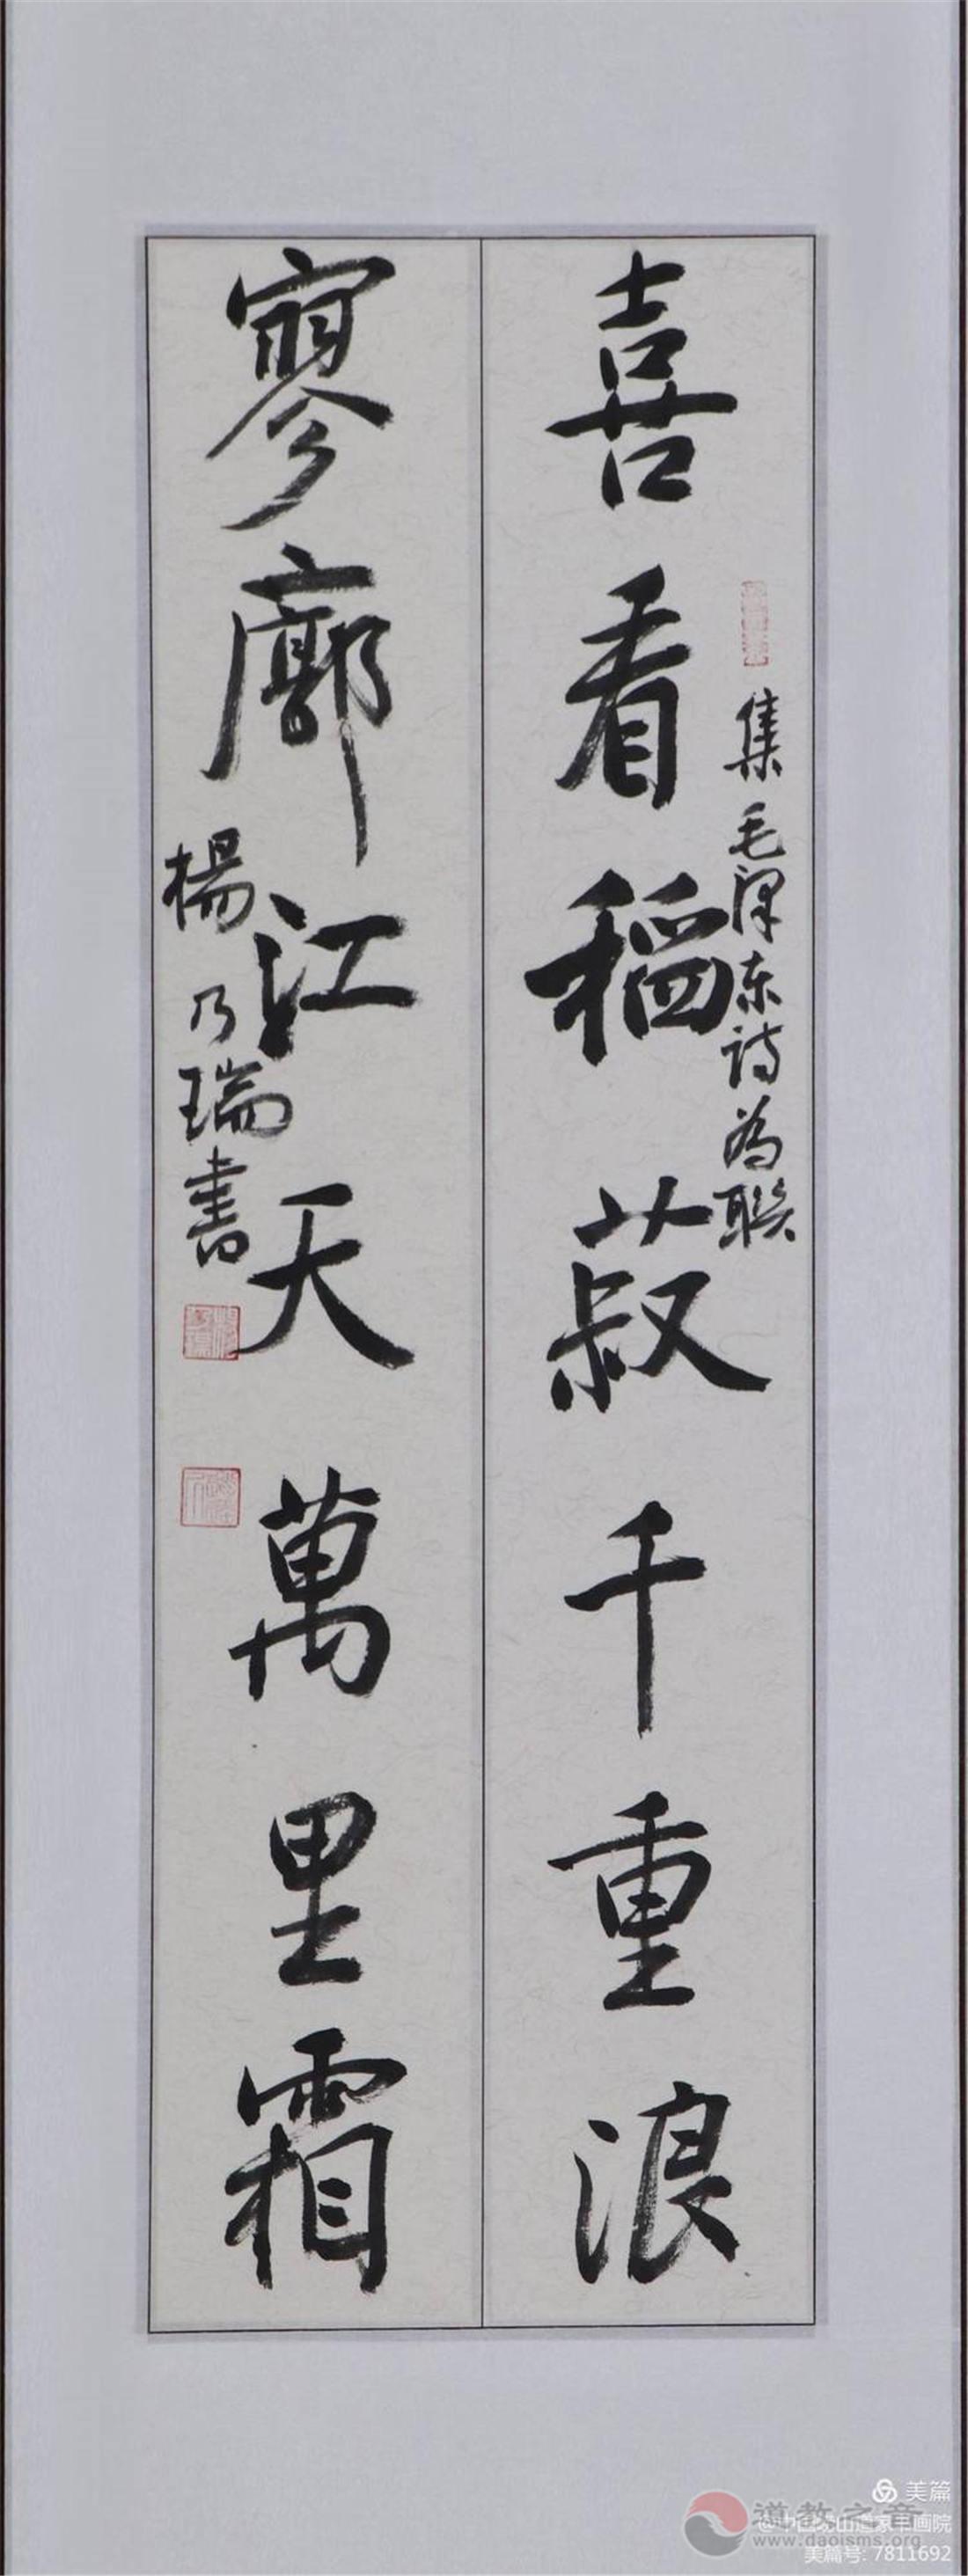 作者:杨乃瑞